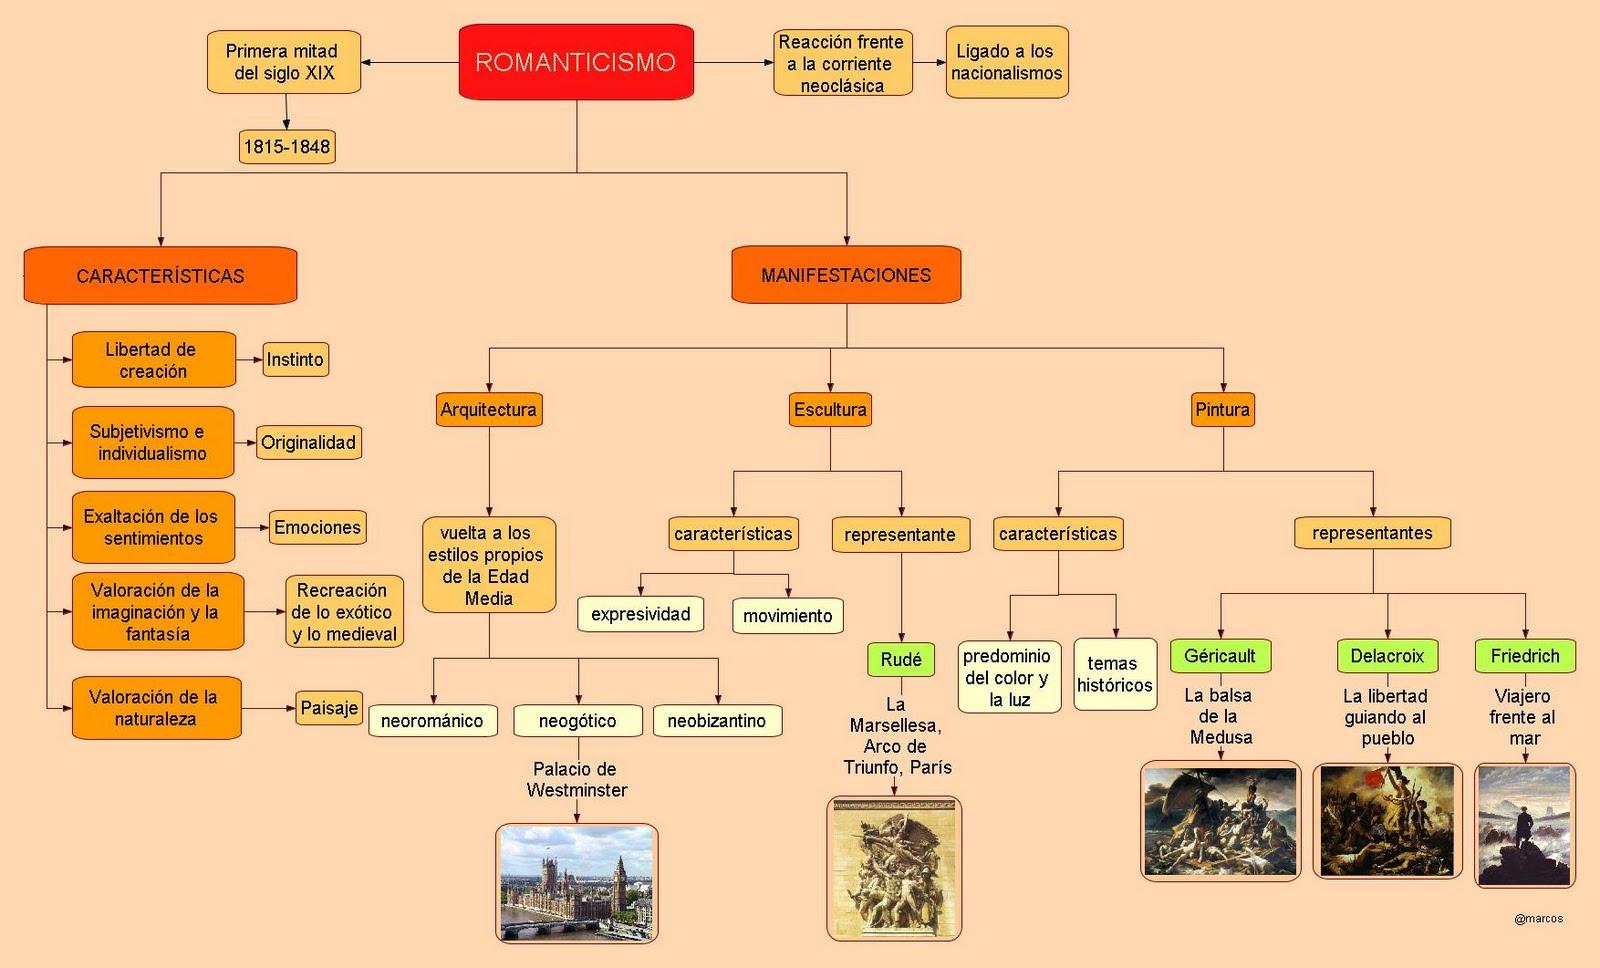 HISTORIA DEL ARTE RESUMEN EBOOK DOWNLOAD